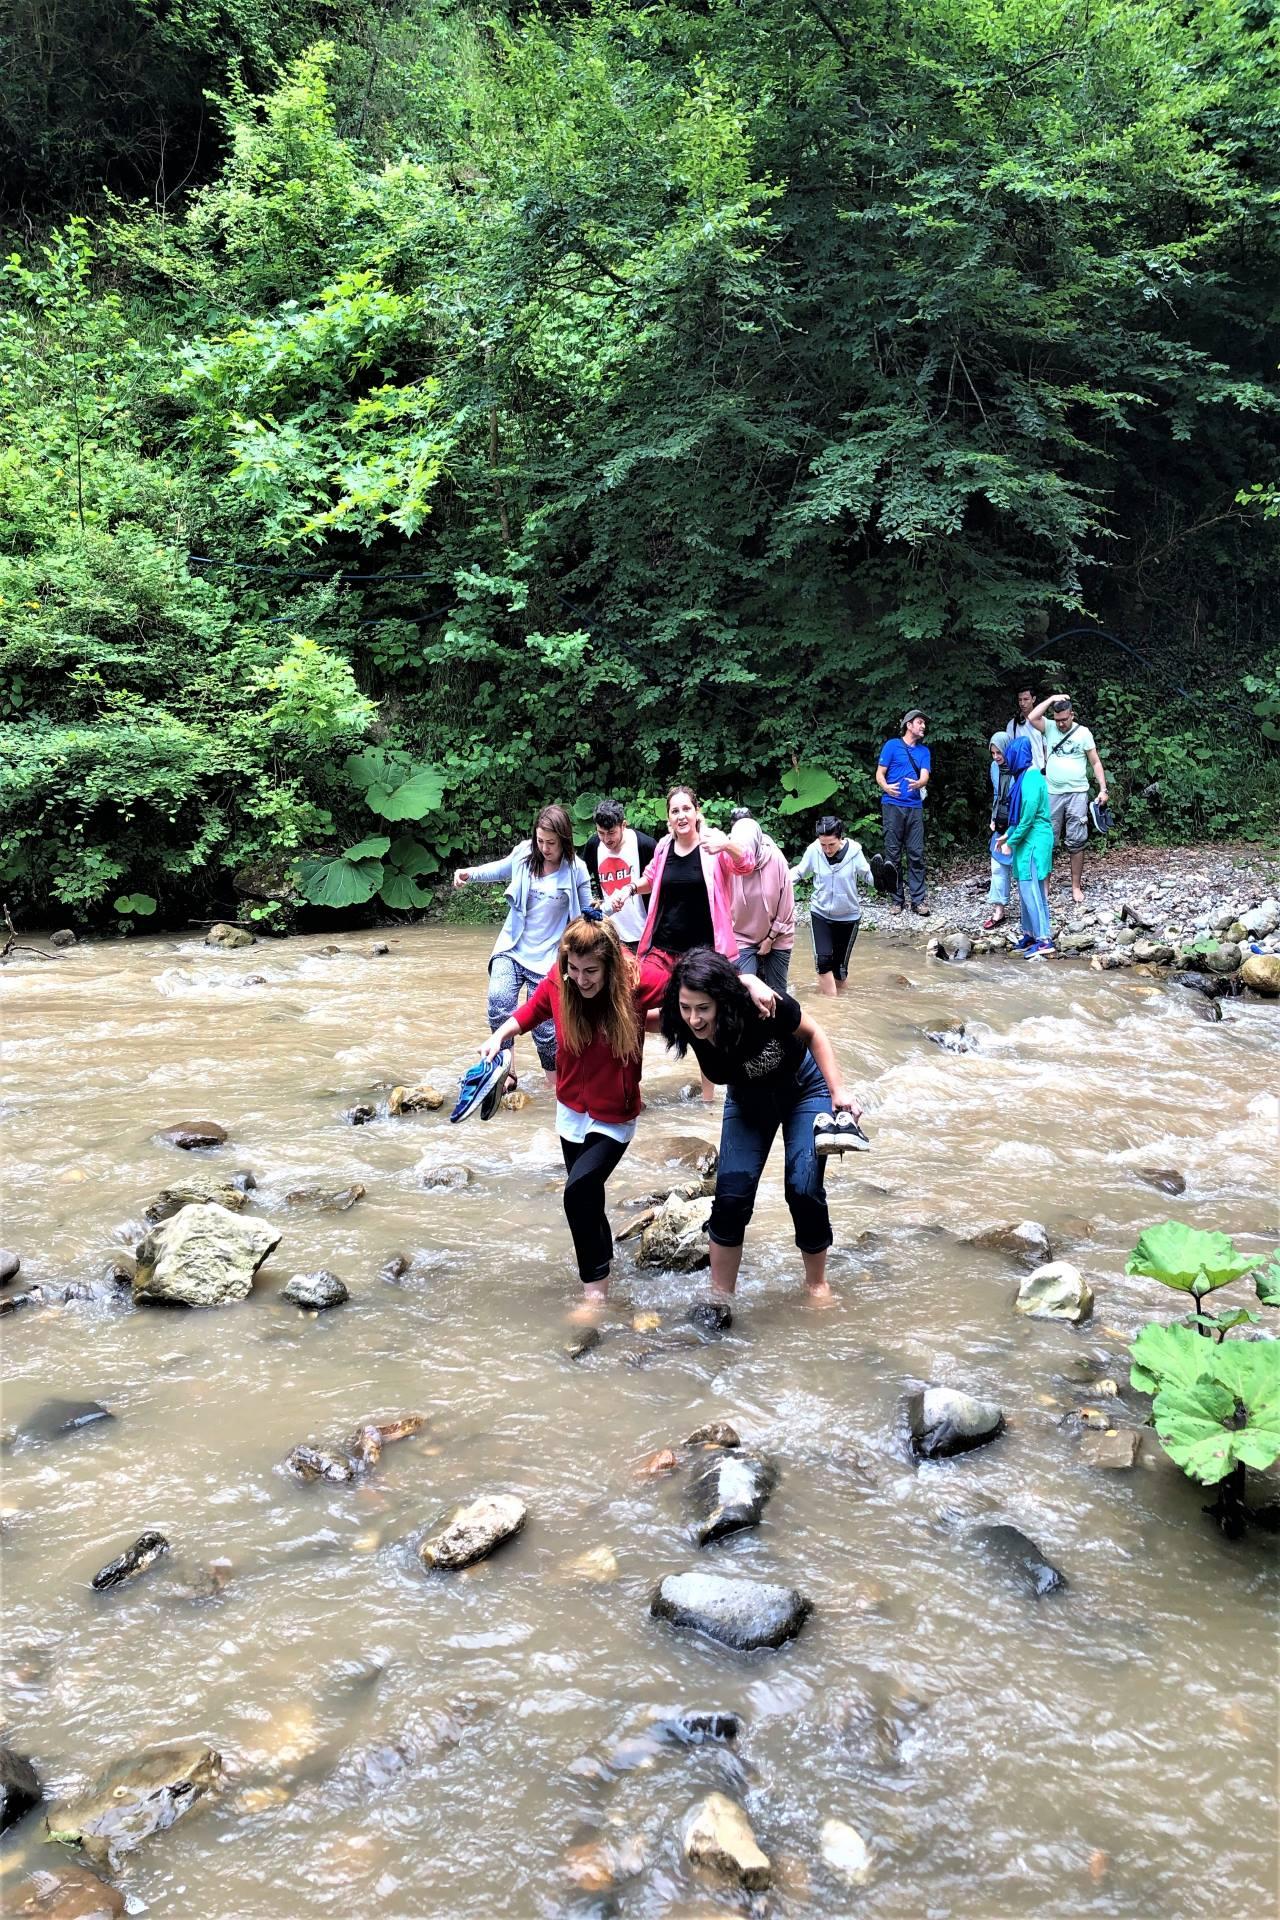 Doğayı keşfet kampı, trekking